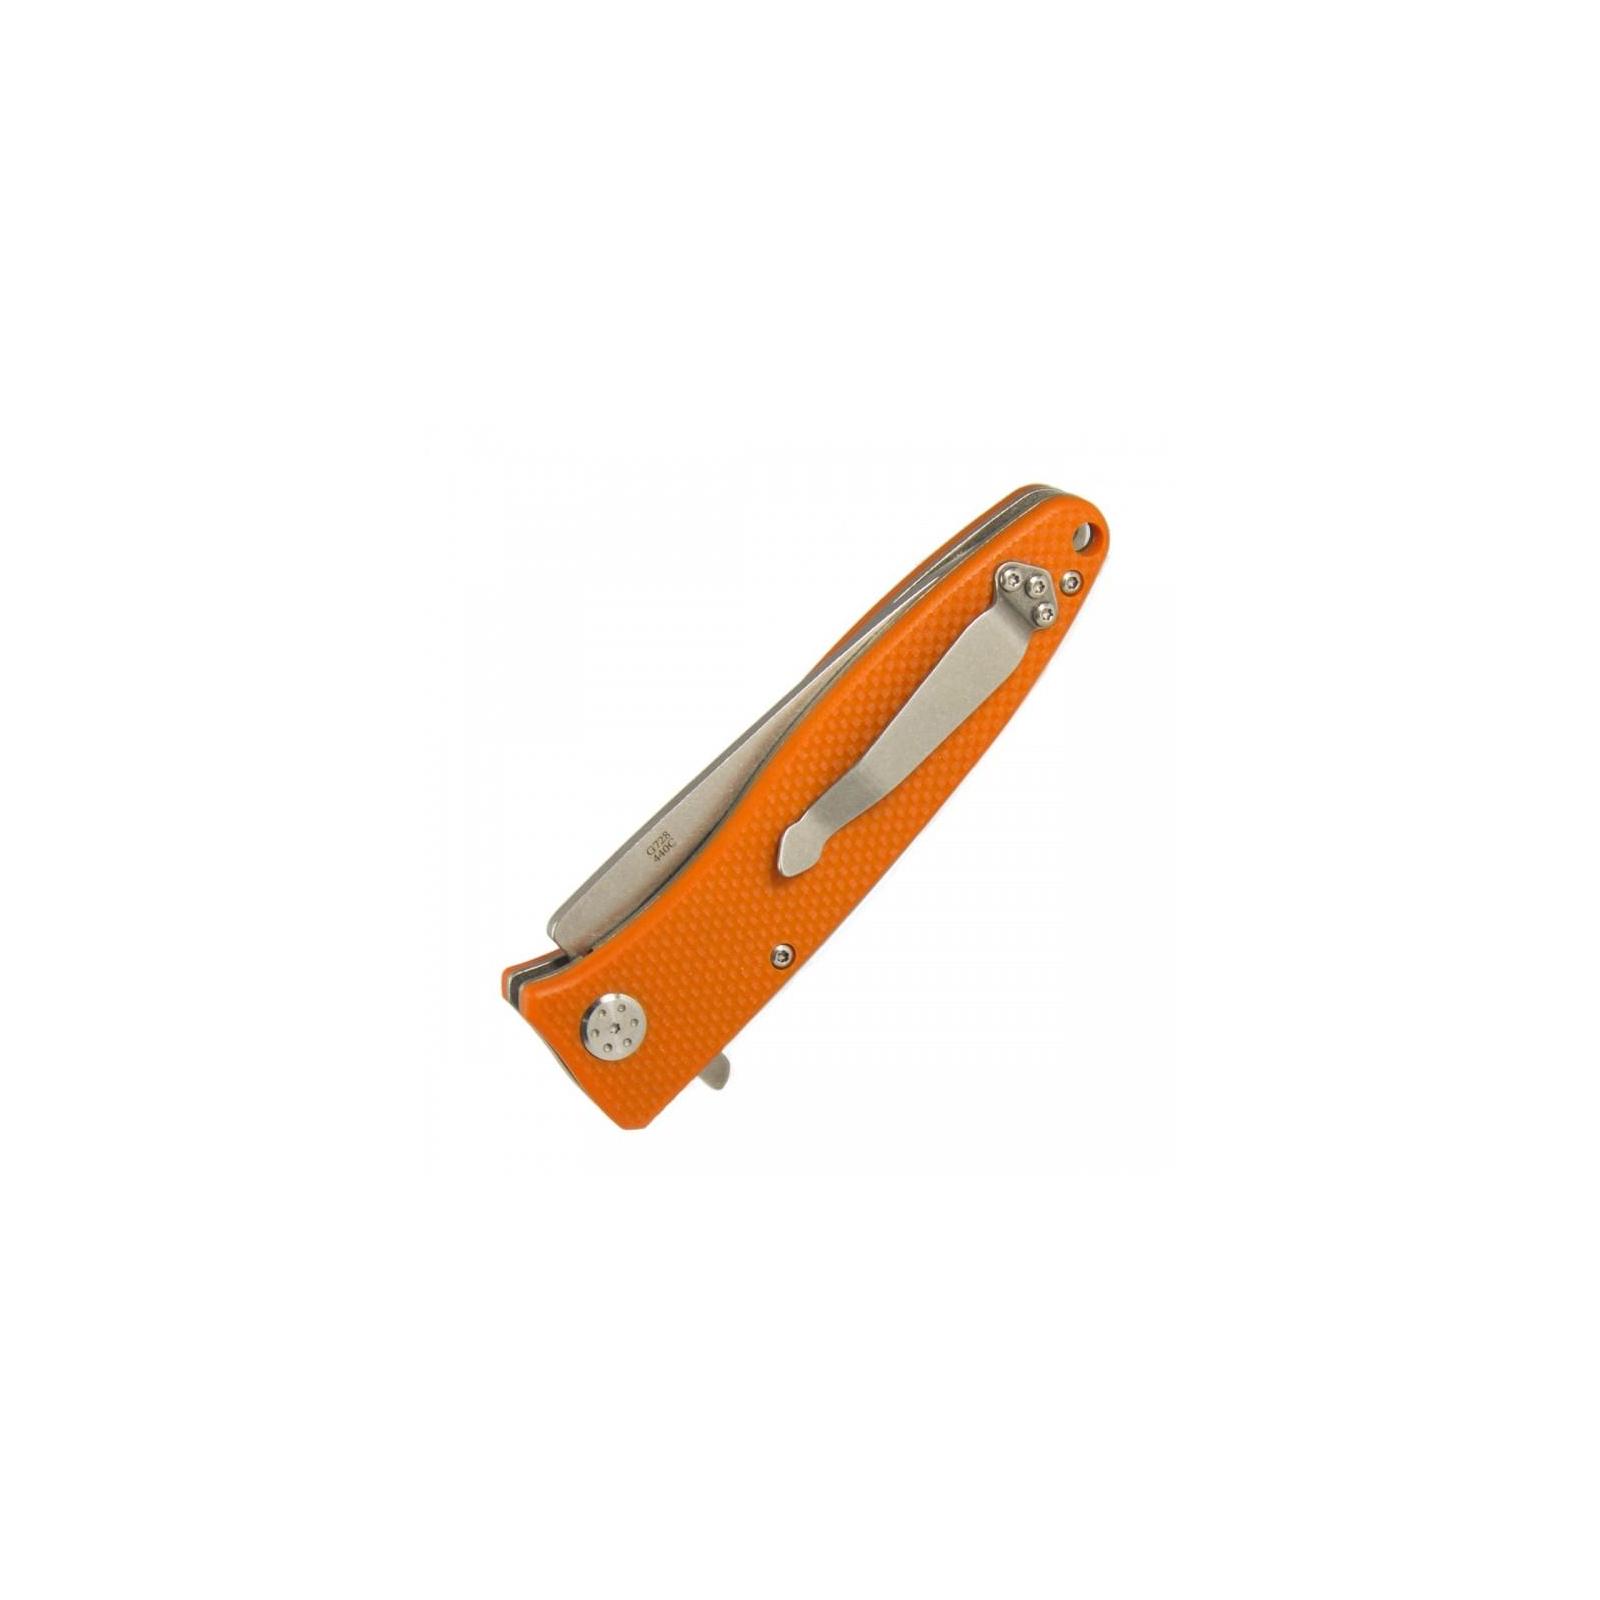 Нож Ganzo G728-OR, оранжевый (G728-OR) изображение 4